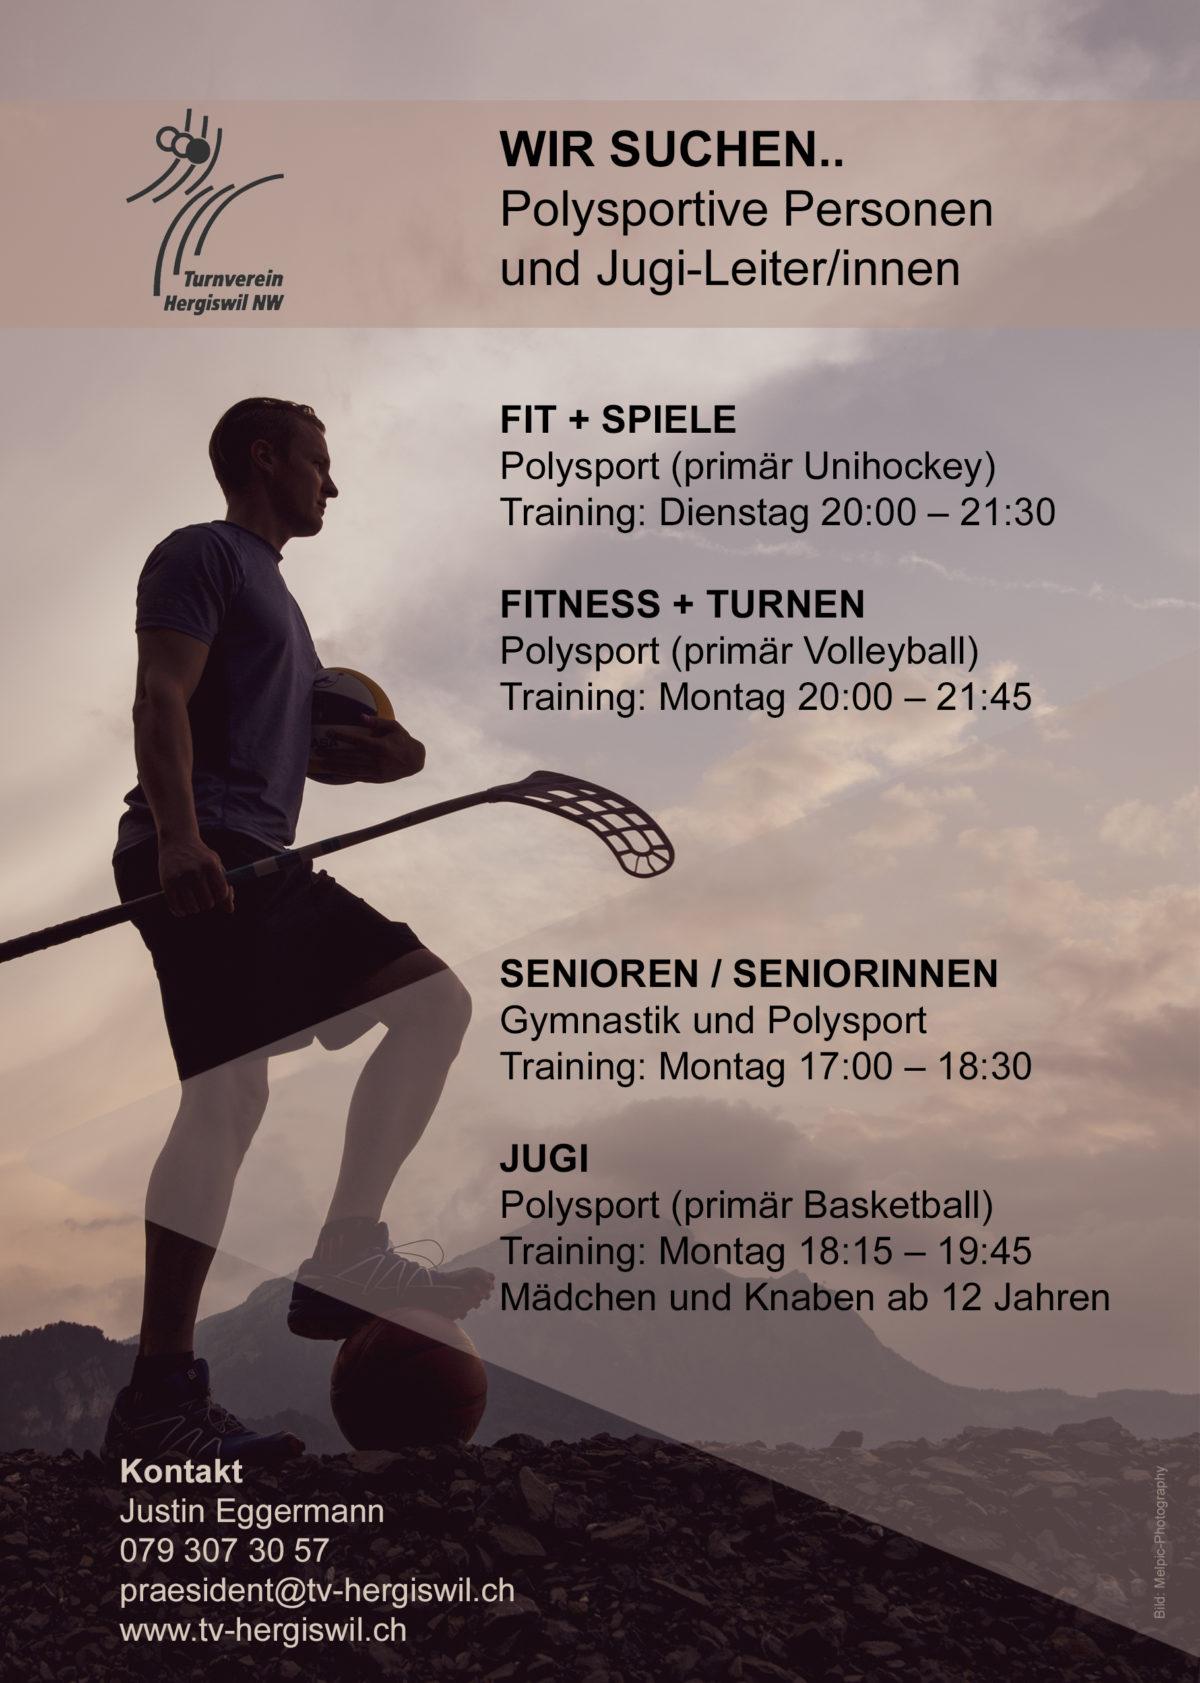 Jugi-Start am Mo, 14. Oktober 2019